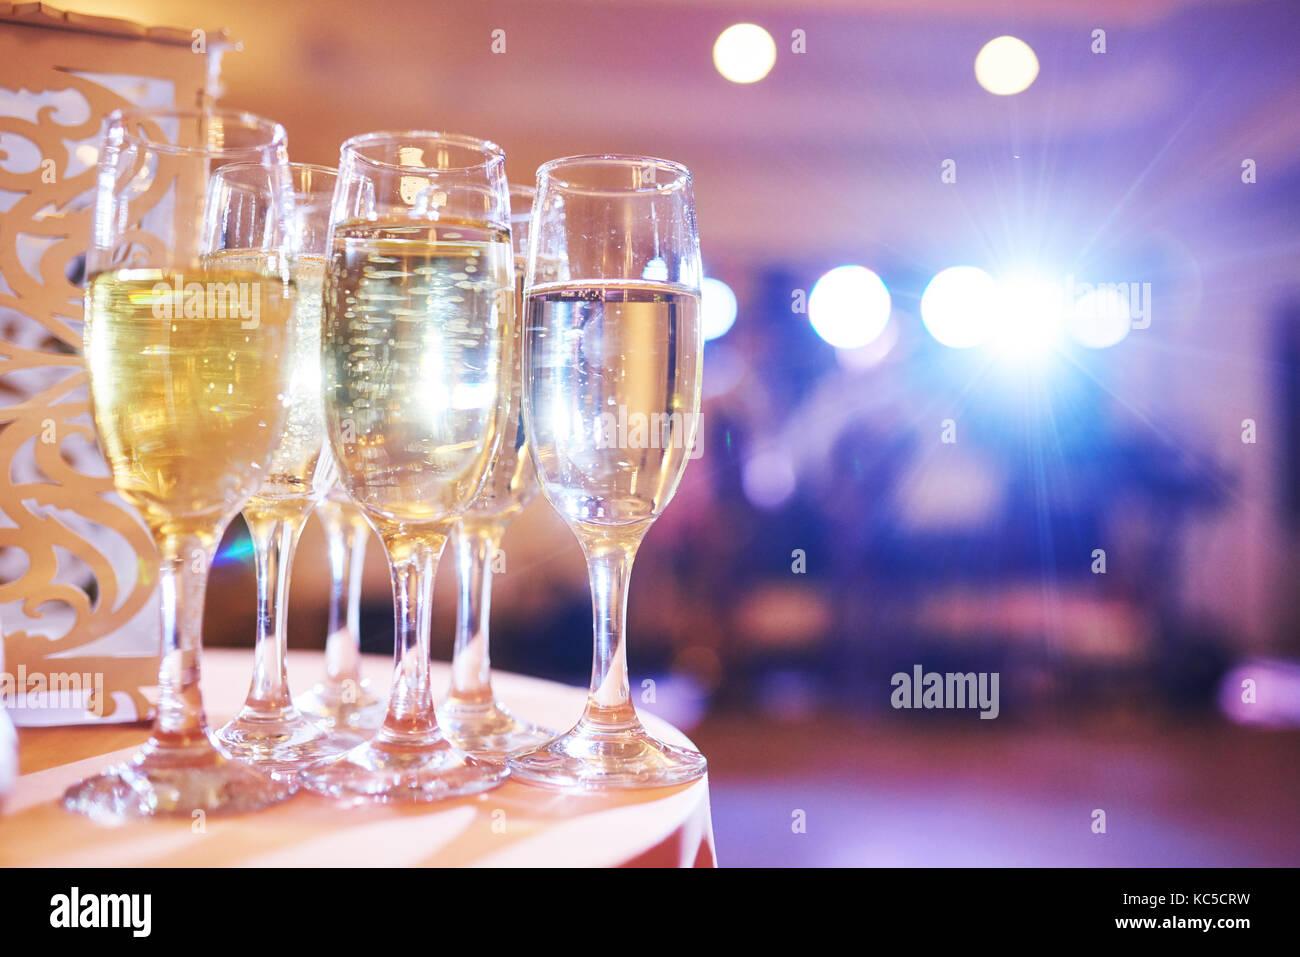 Un montón de copas de vino en la luz azul con un fresco delicioso vino blanco o champán en el bar Imagen De Stock